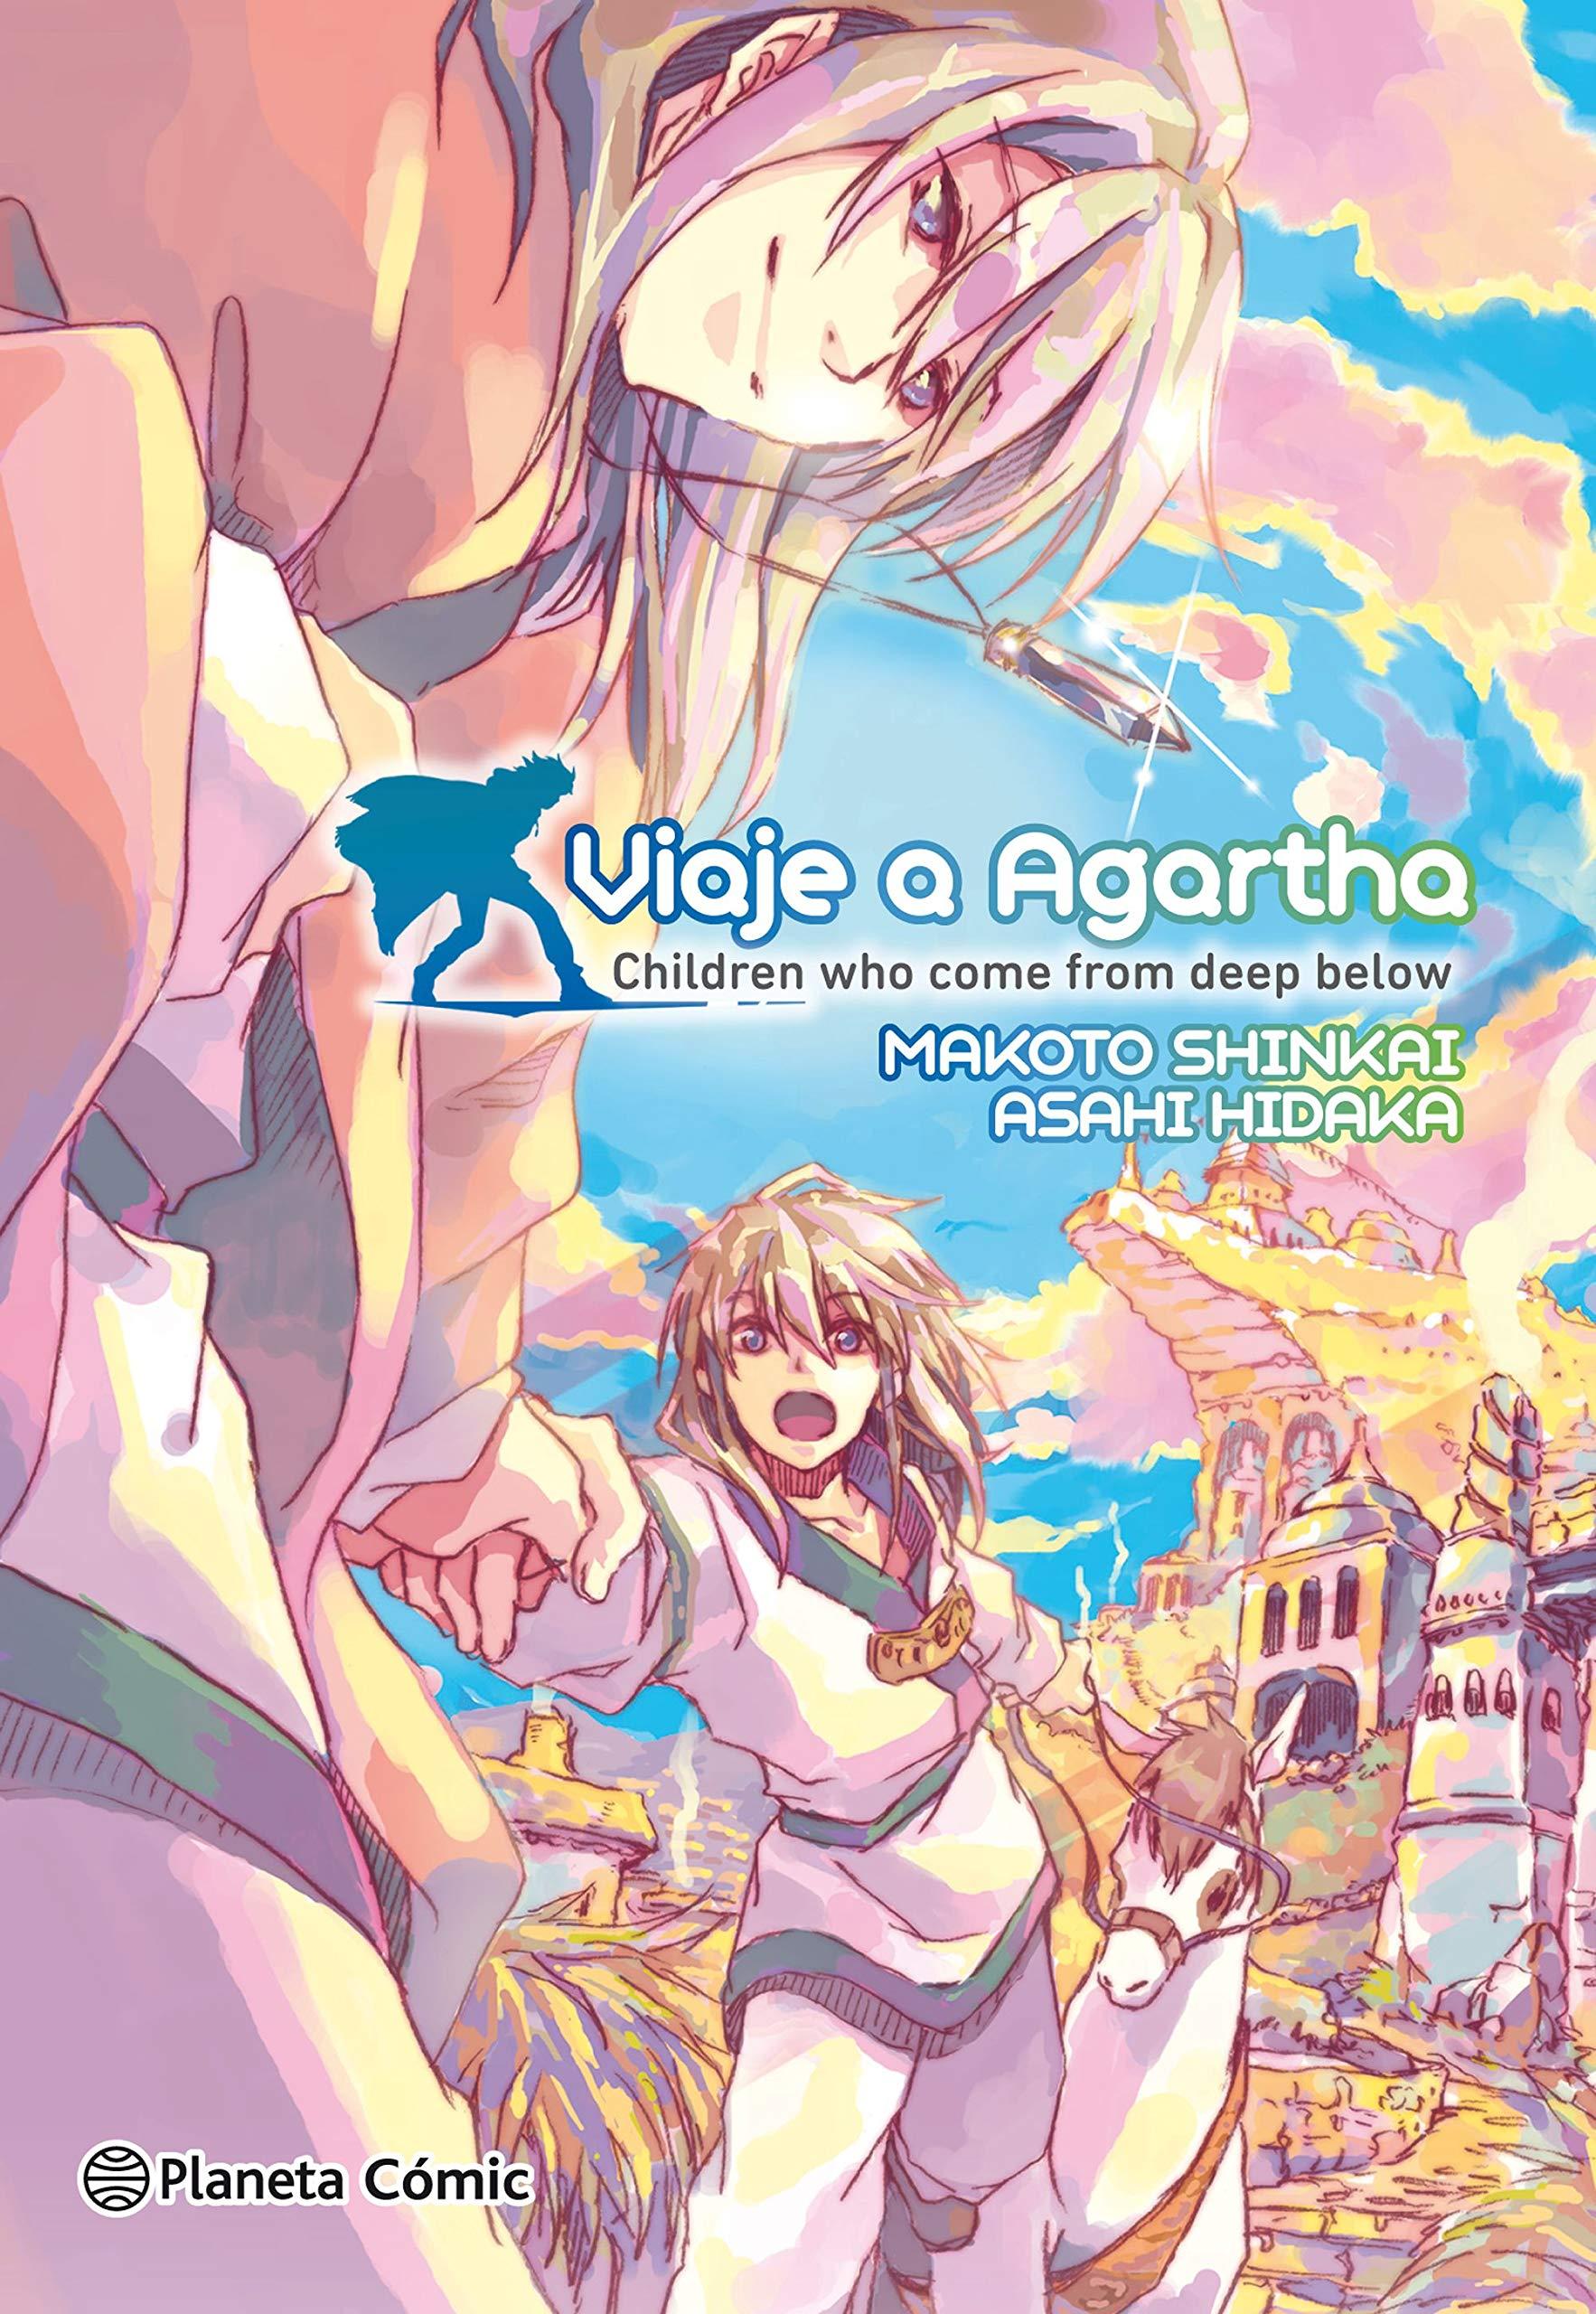 Viaje a Agartha Deep Below 2-en-1 : Children who come from deep below Manga: Biblioteca Makoto Shinkai: Amazon.es: Shinkai, Makoto, Toledo Velarde, Karla: Libros